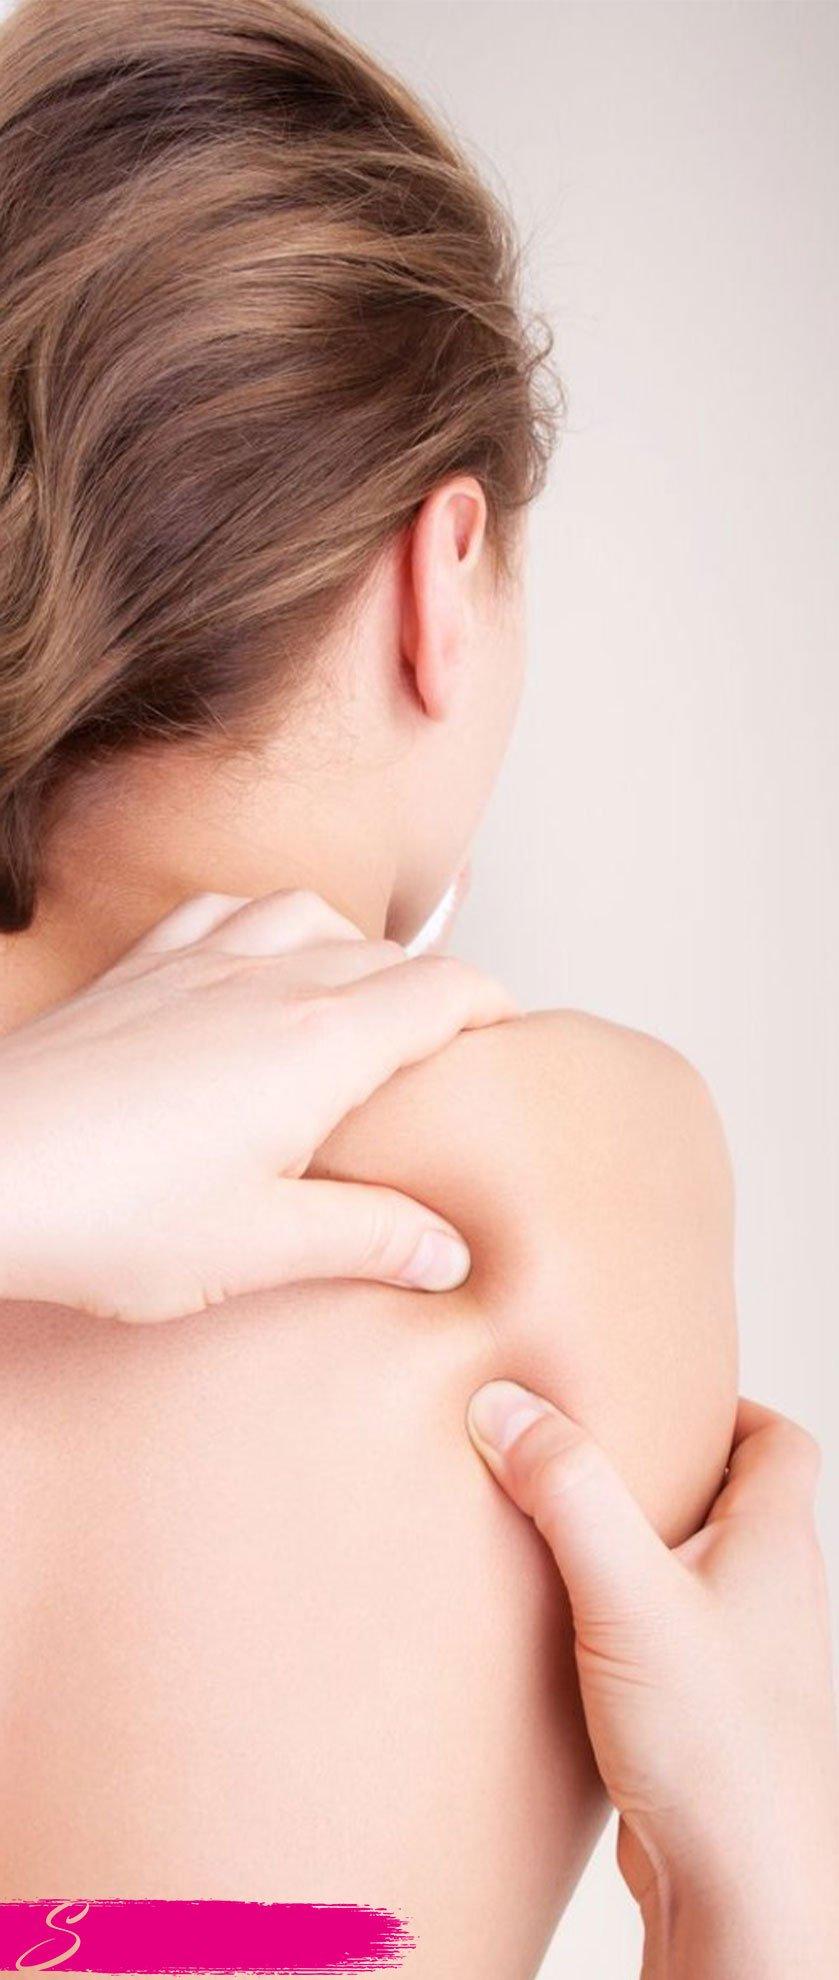 estetica-sensazioni-trattamenti-benessere-massaggio-connettivale